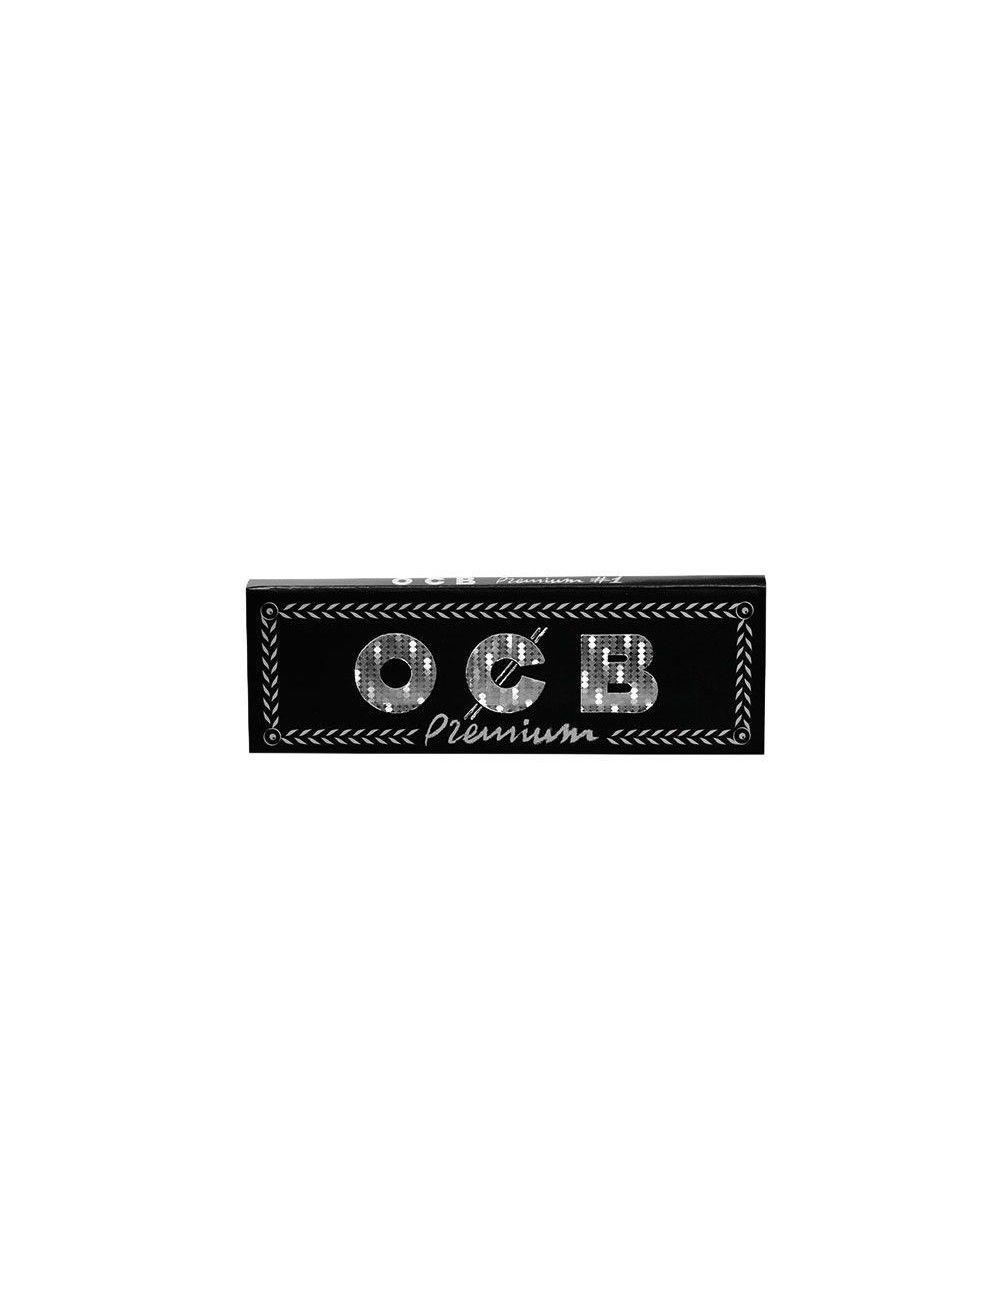 OCB Premium Black 1¼